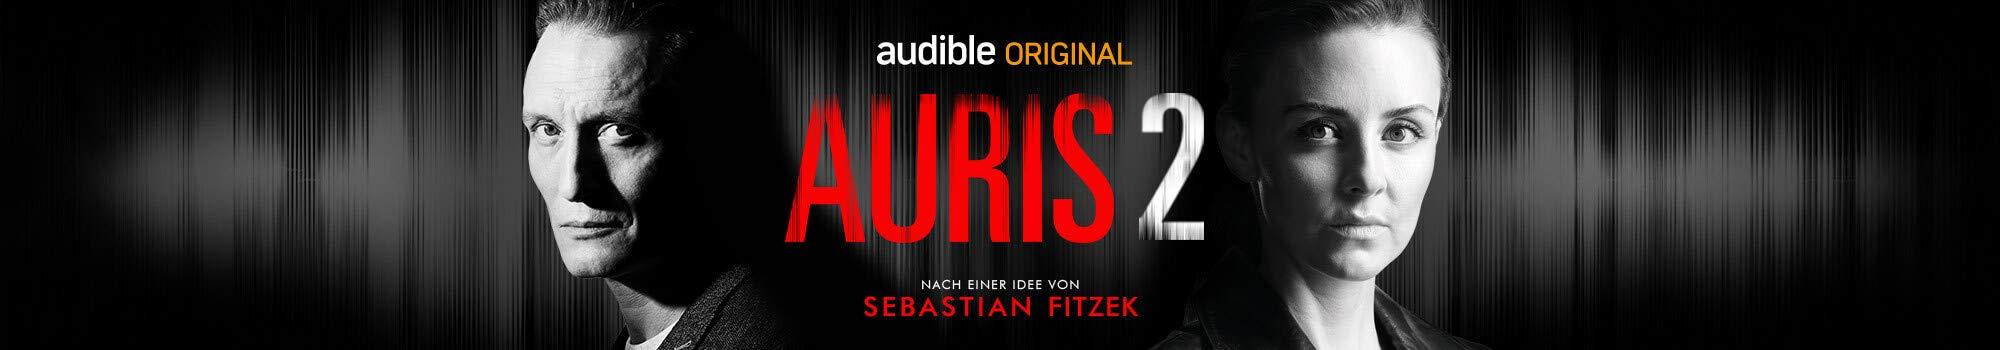 Auris 2 von Sebastian Fitzek, Vincent Kliesch, Helge May und Judith Schöll